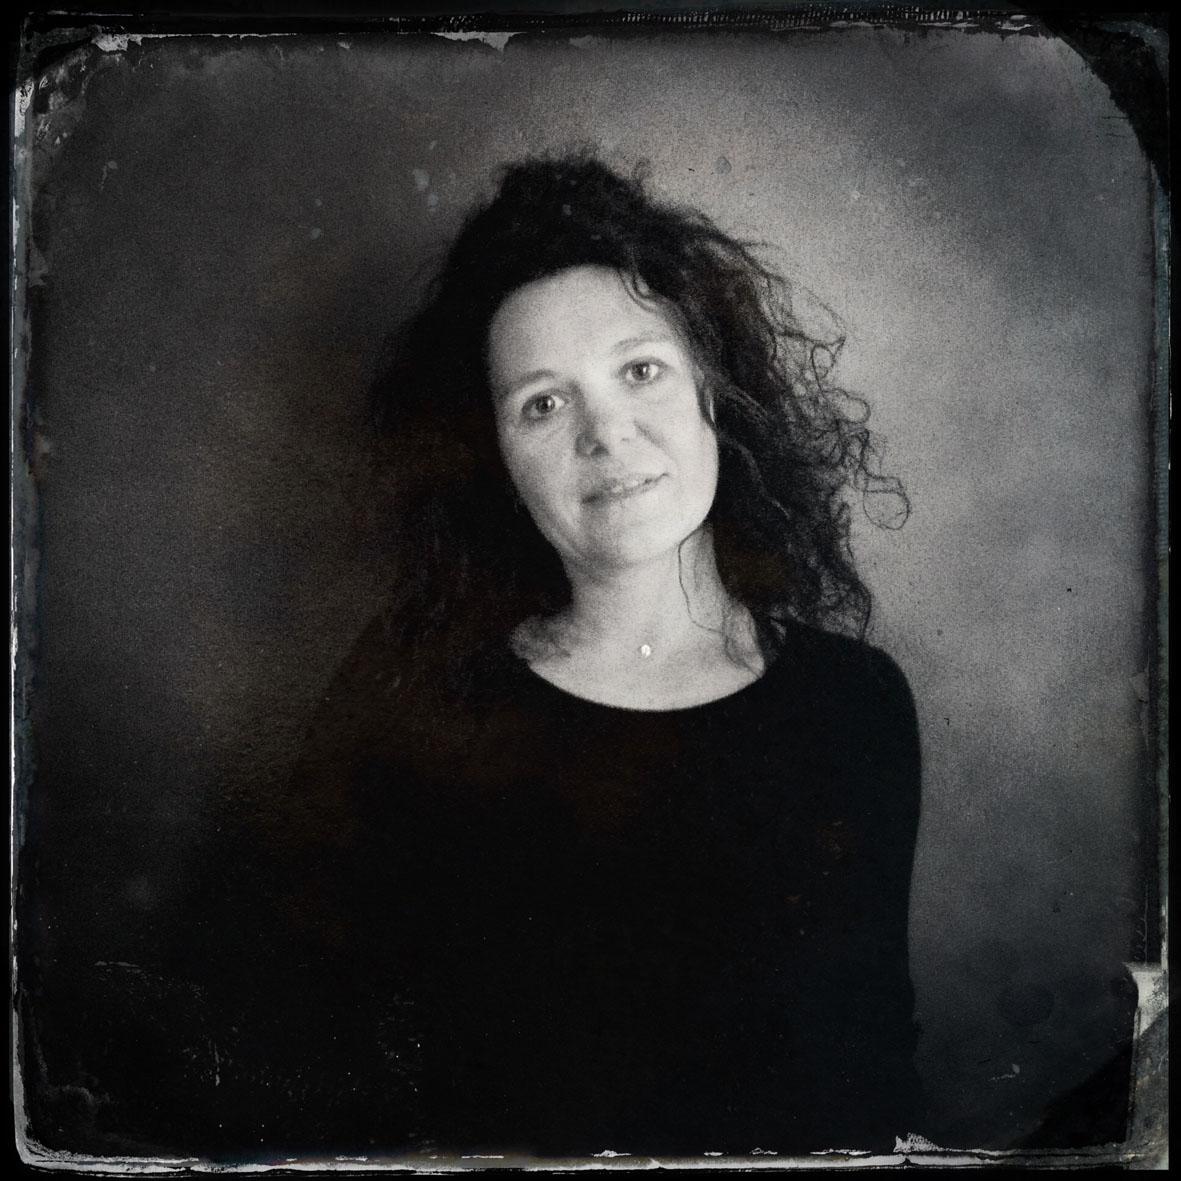 Claire Schneider